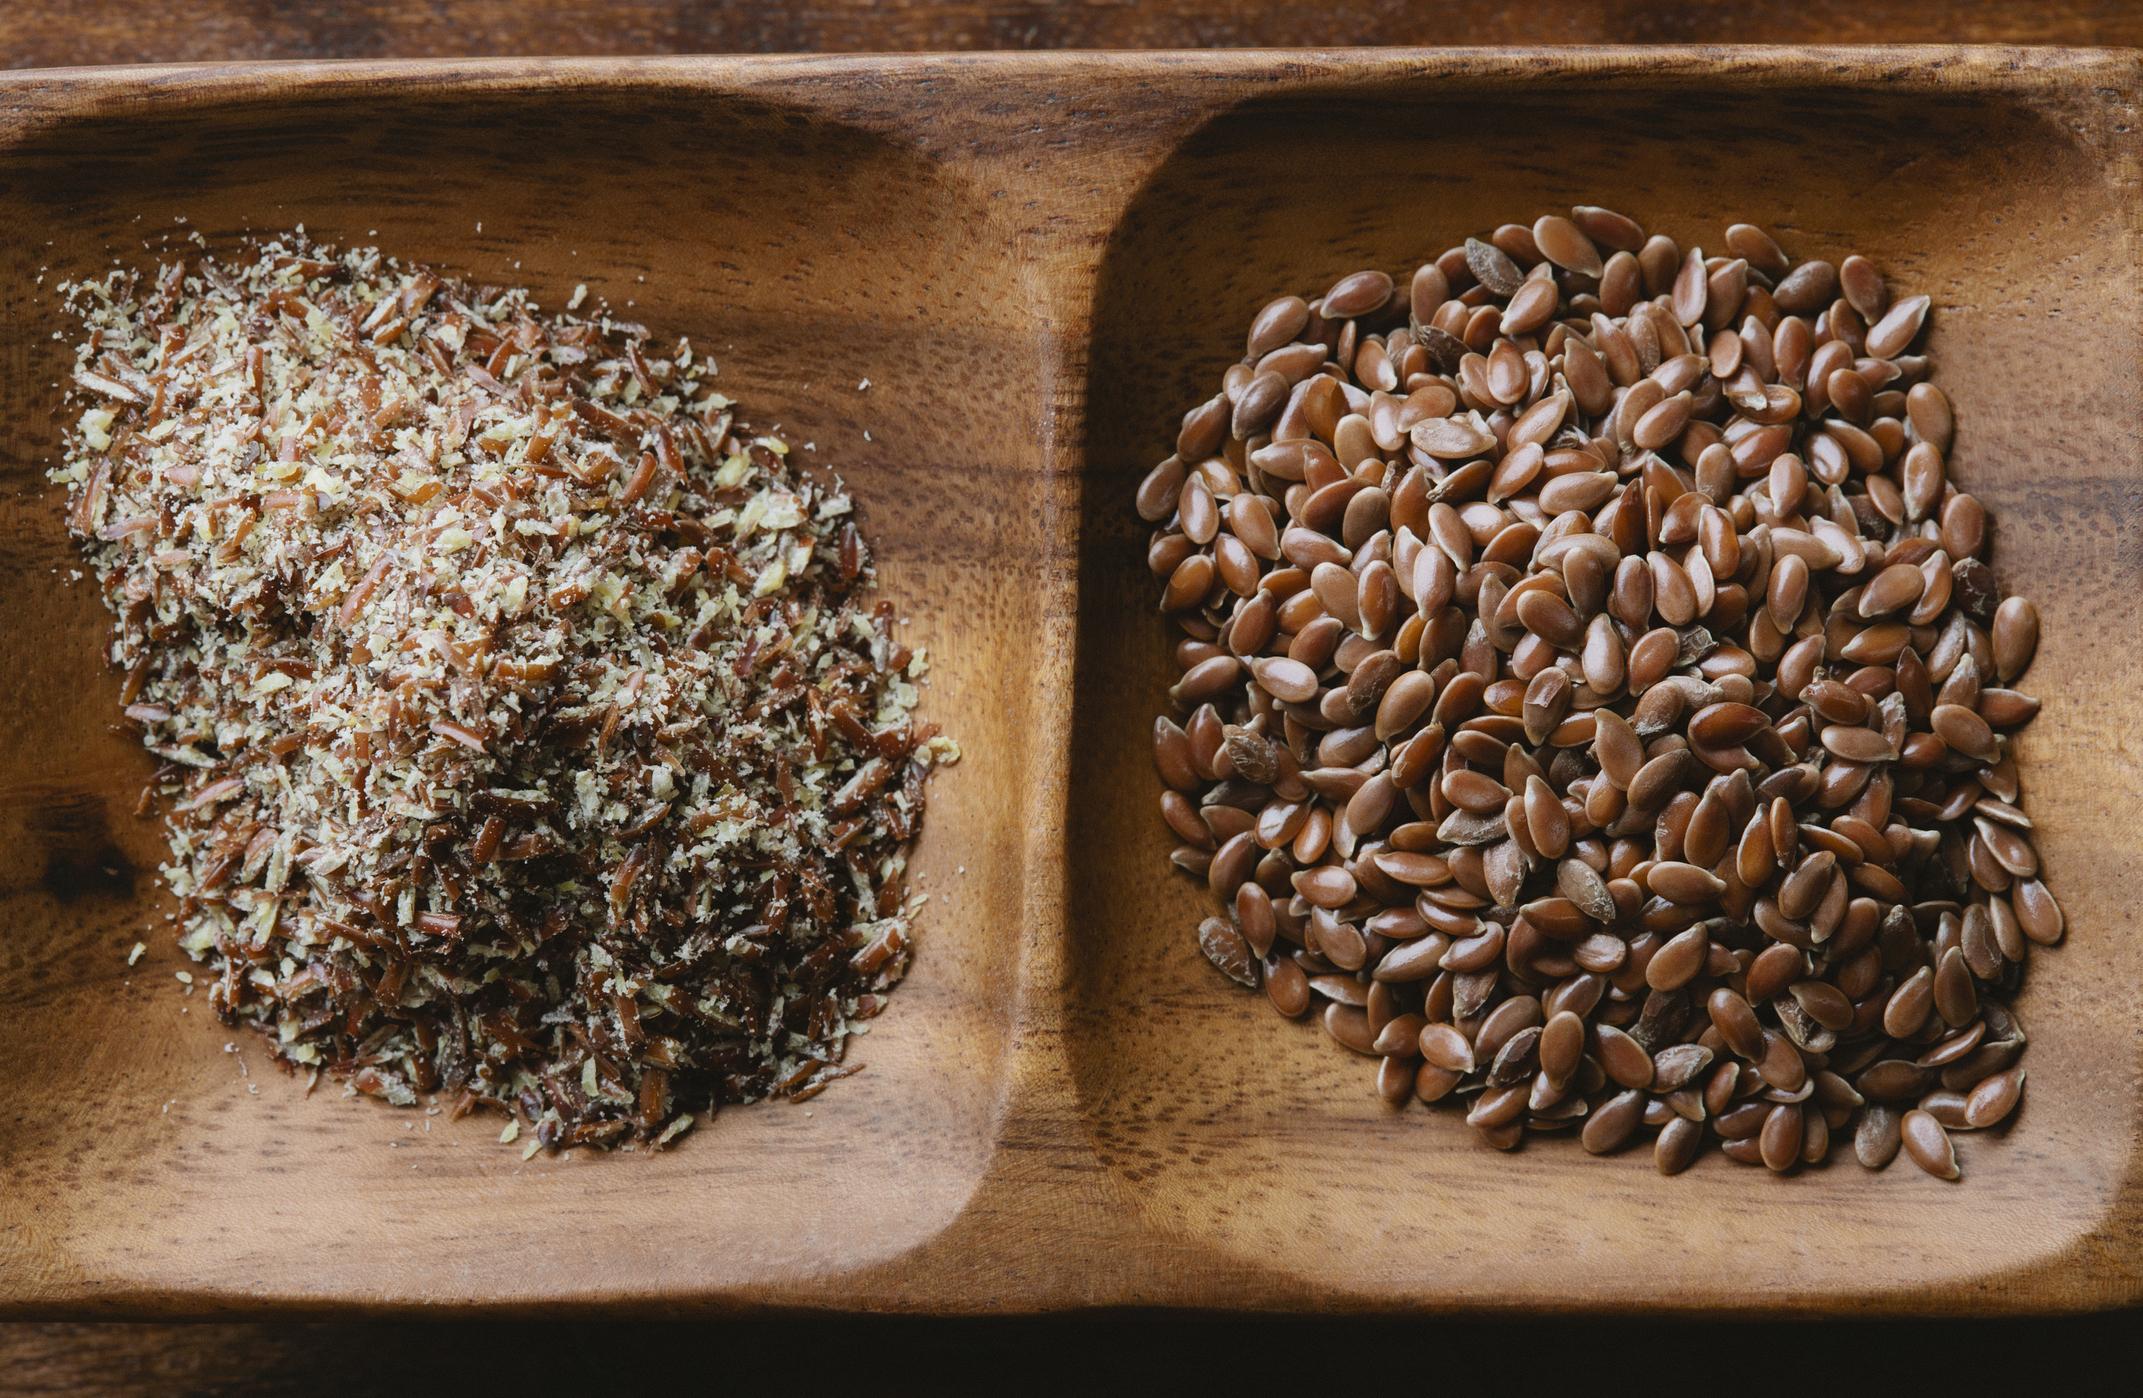 Способы использования семян льна для быстрого похудения